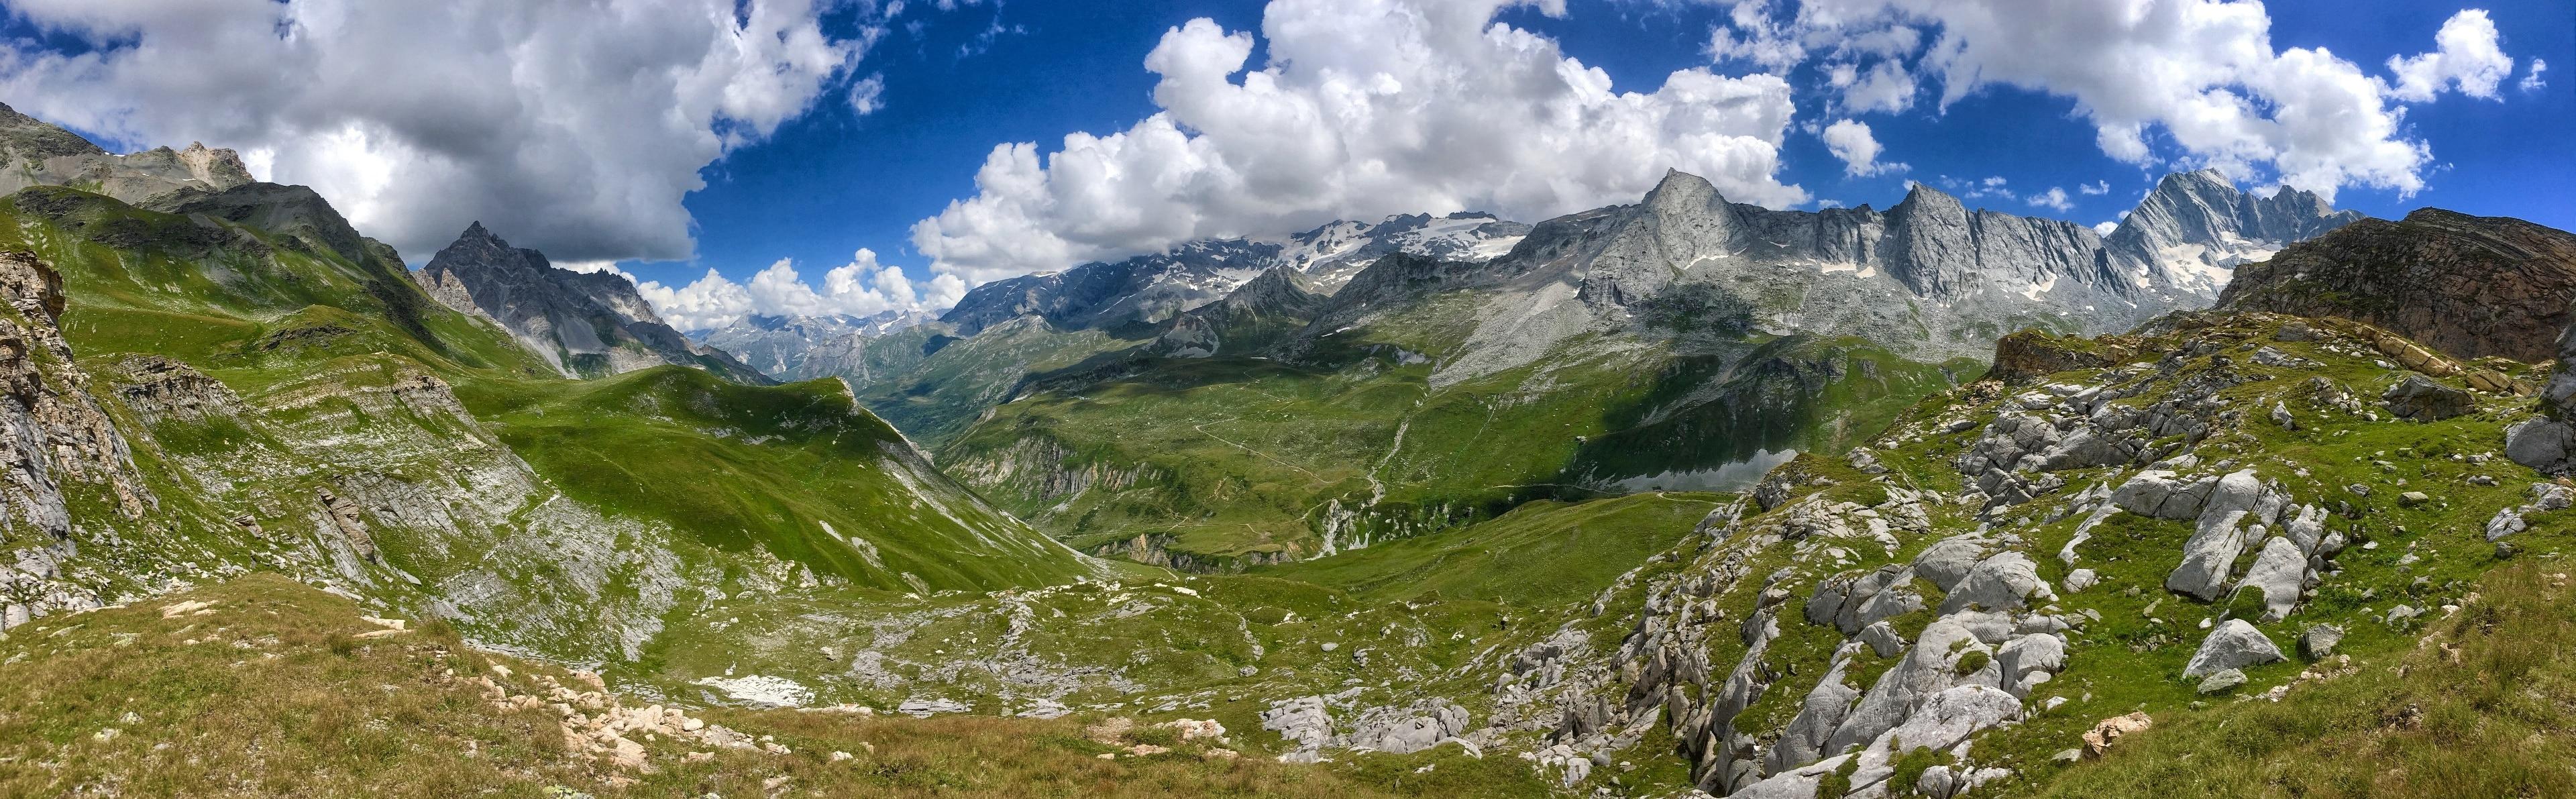 Termignon, Val-Cenis, Savoie, France